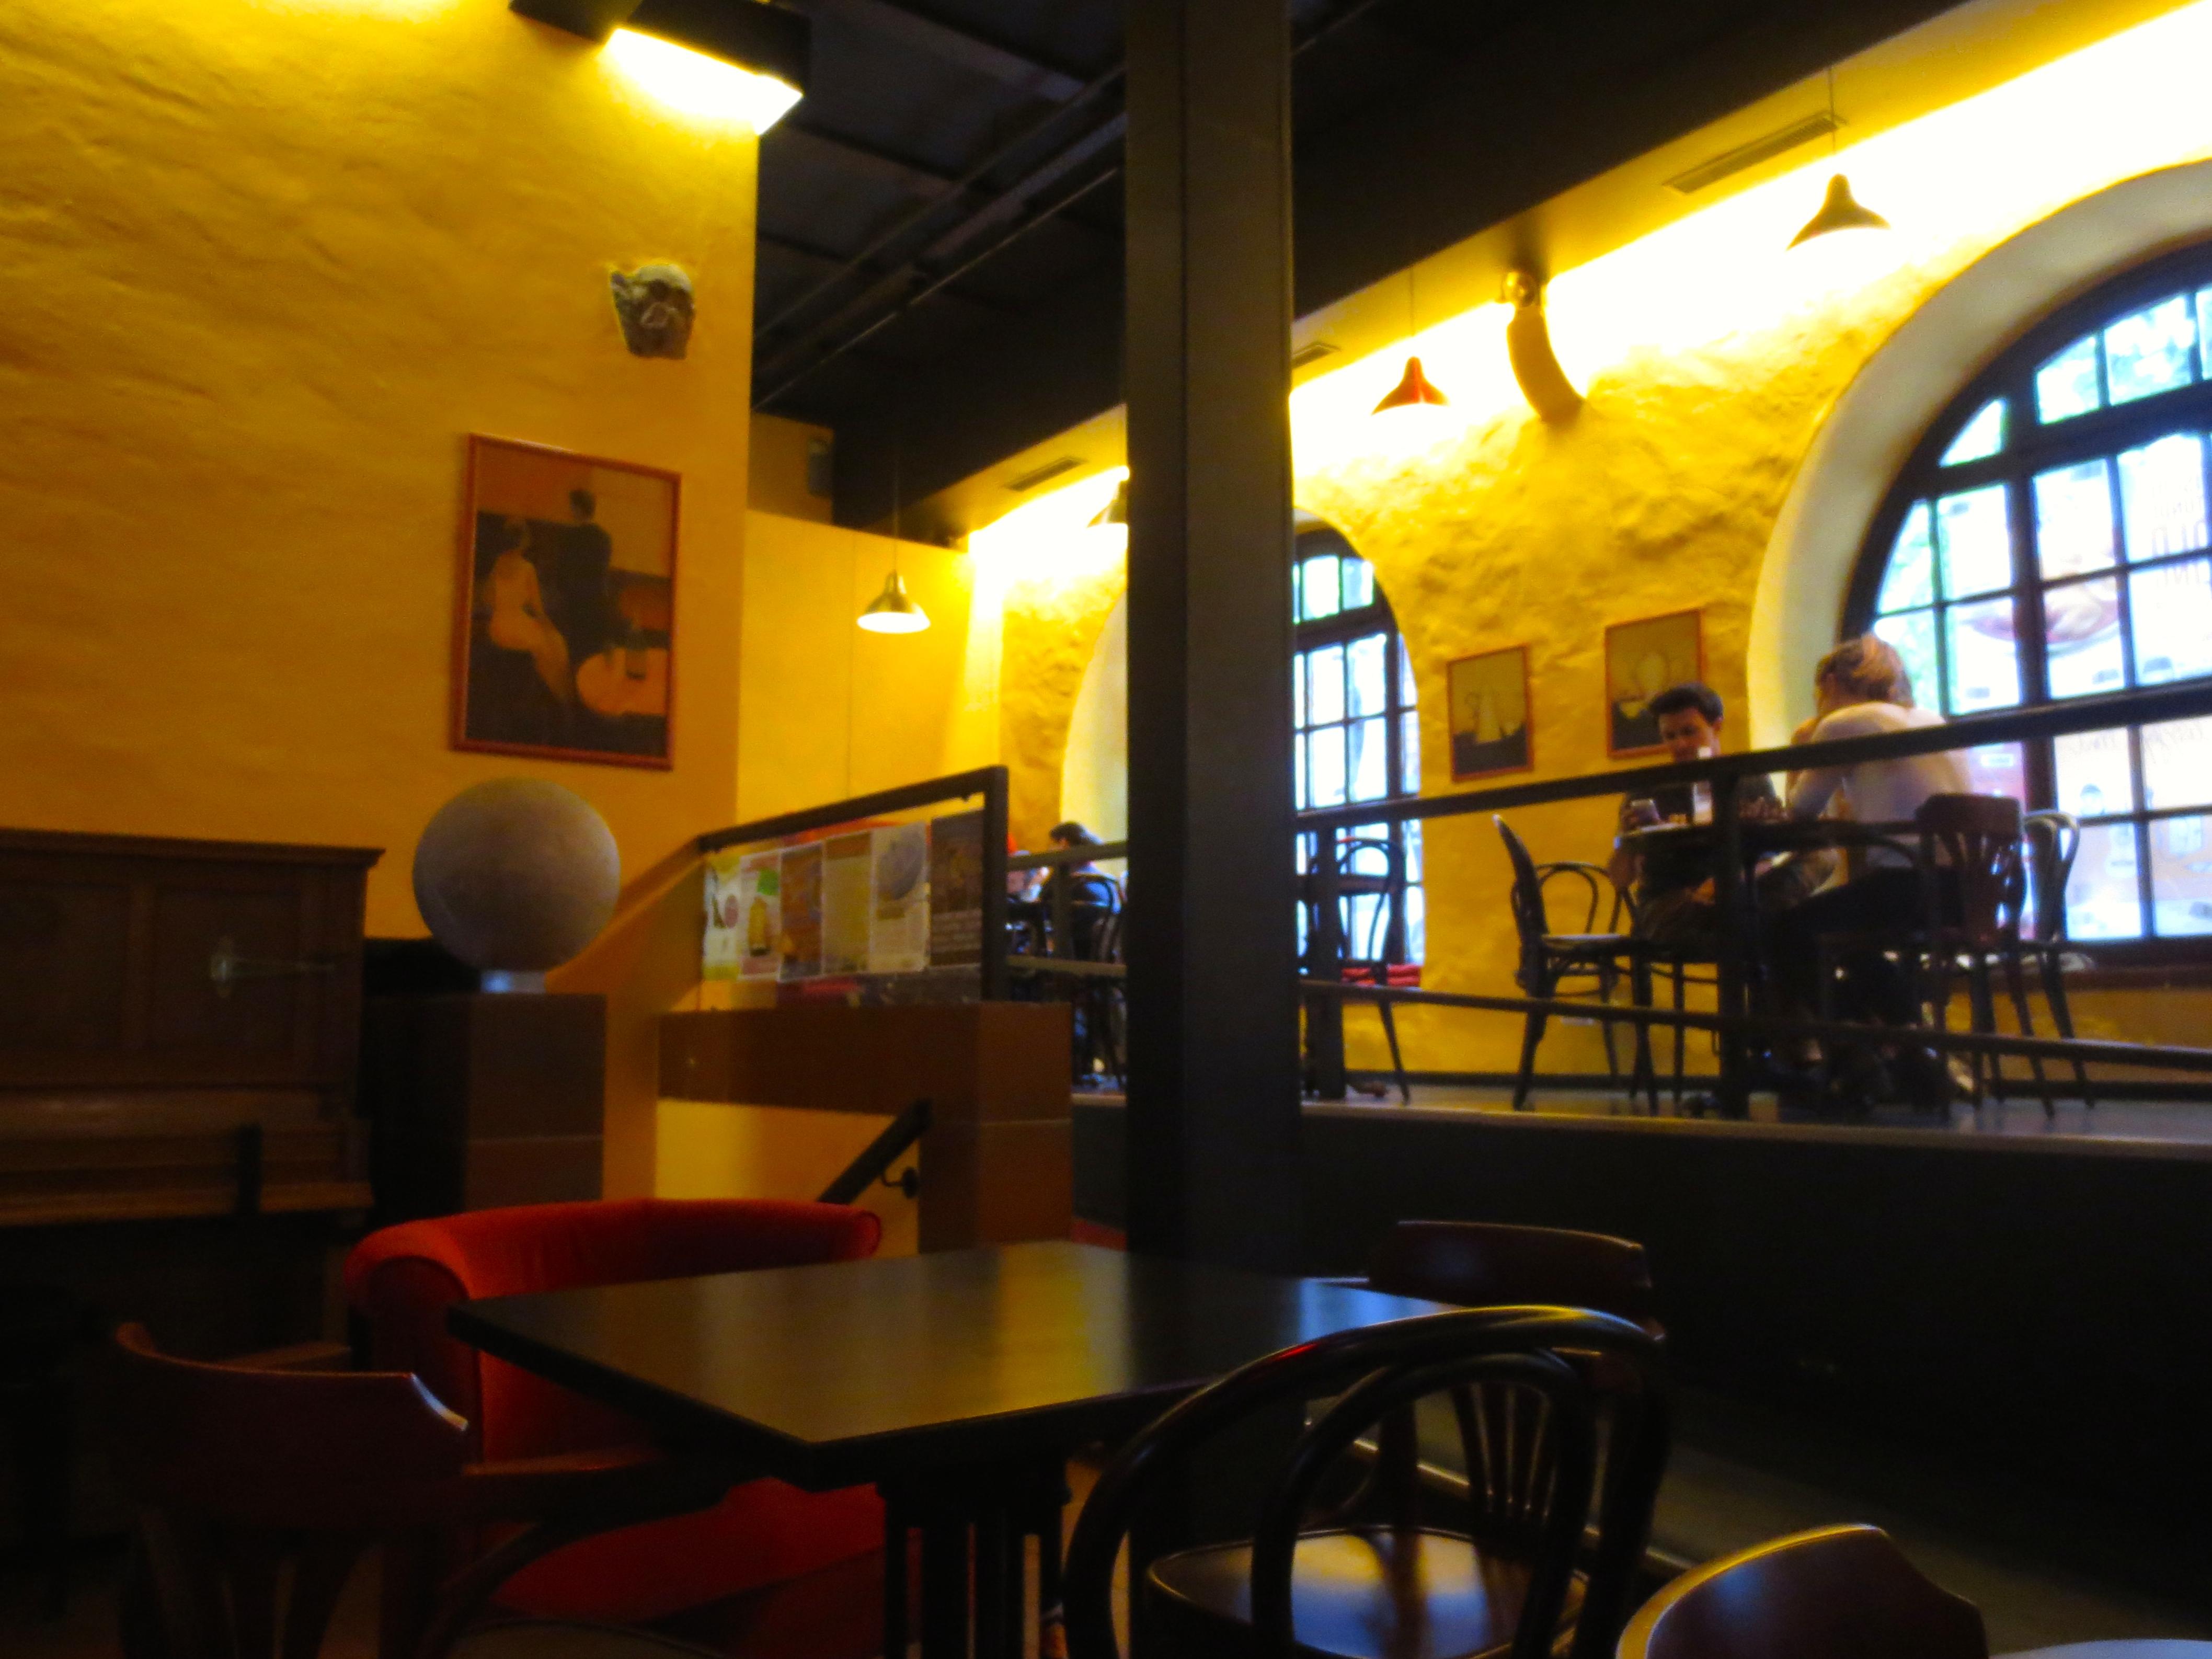 Innenarchitektur Cafe file das marstall cafe im östlichen seitentrakt des gebäudes blick